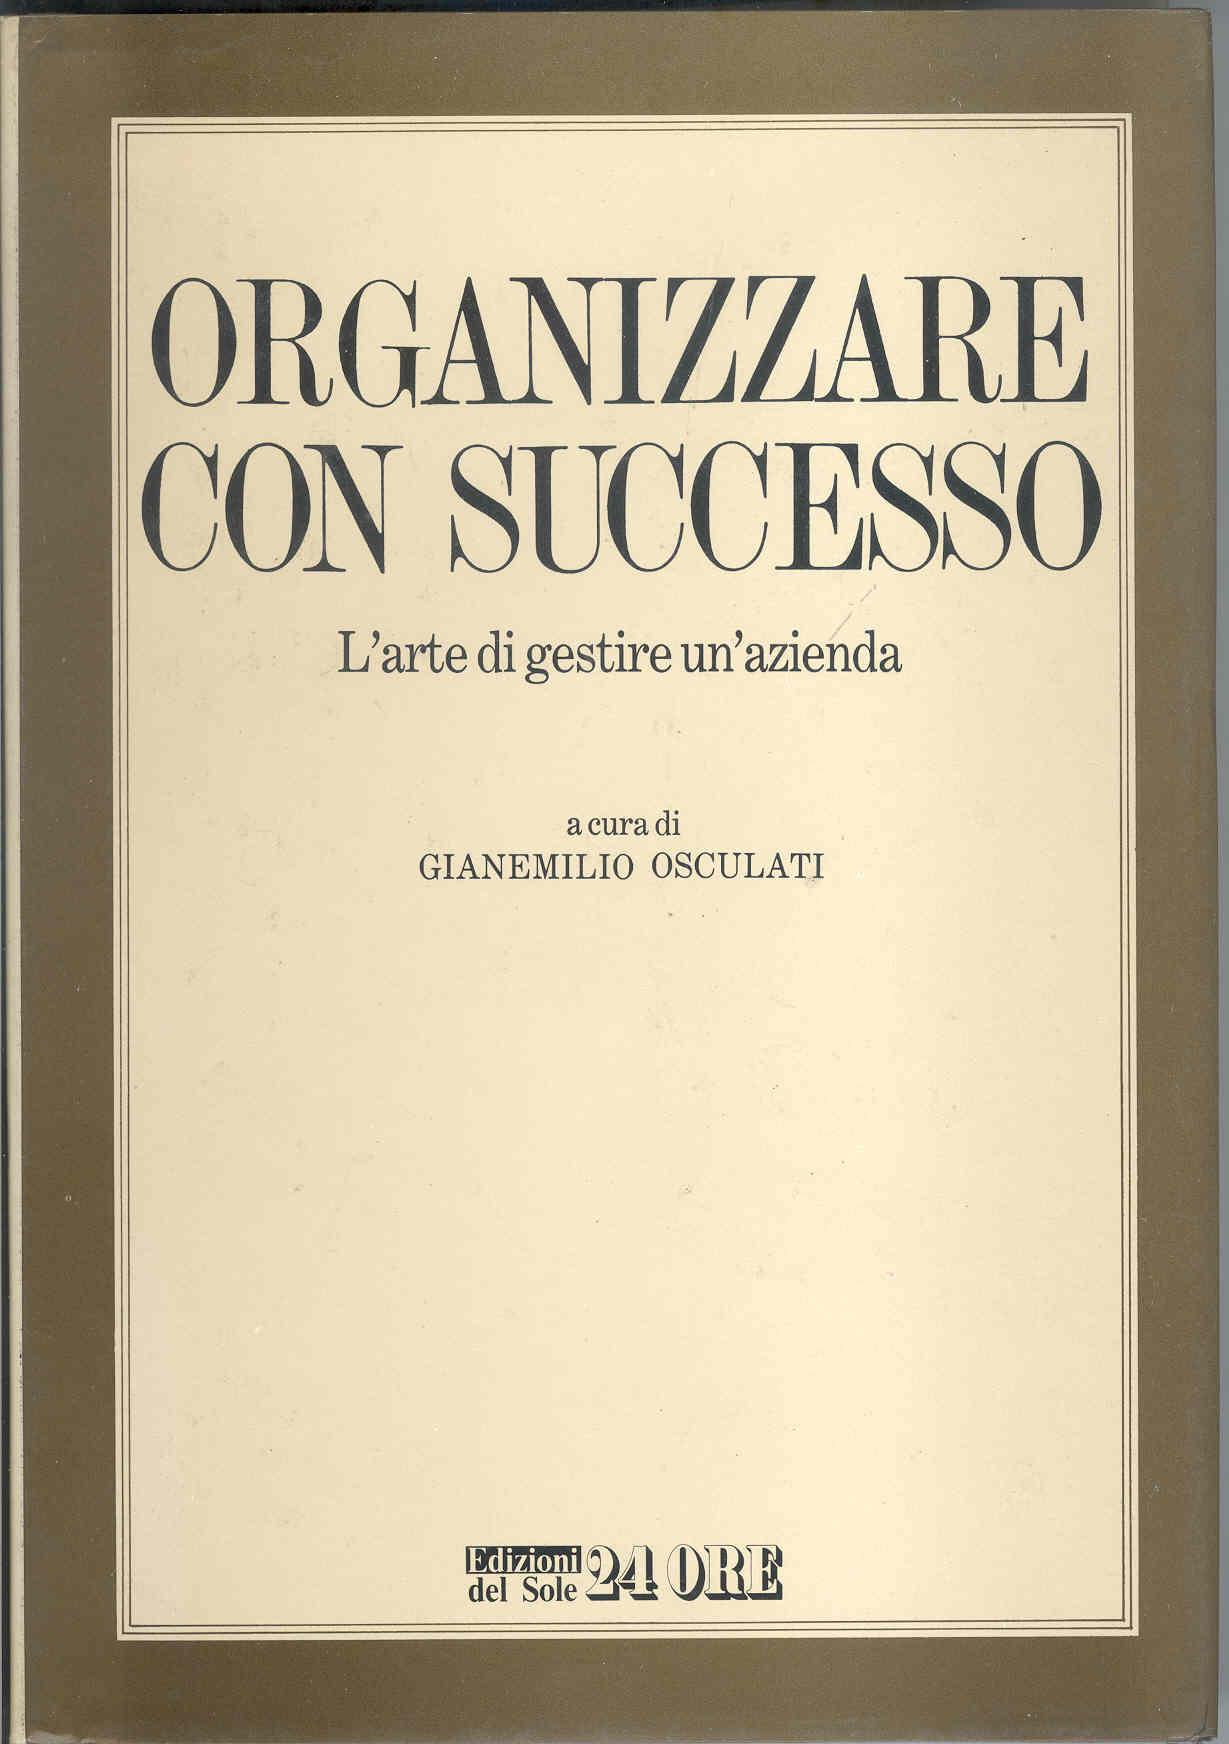 Organizzare con successo